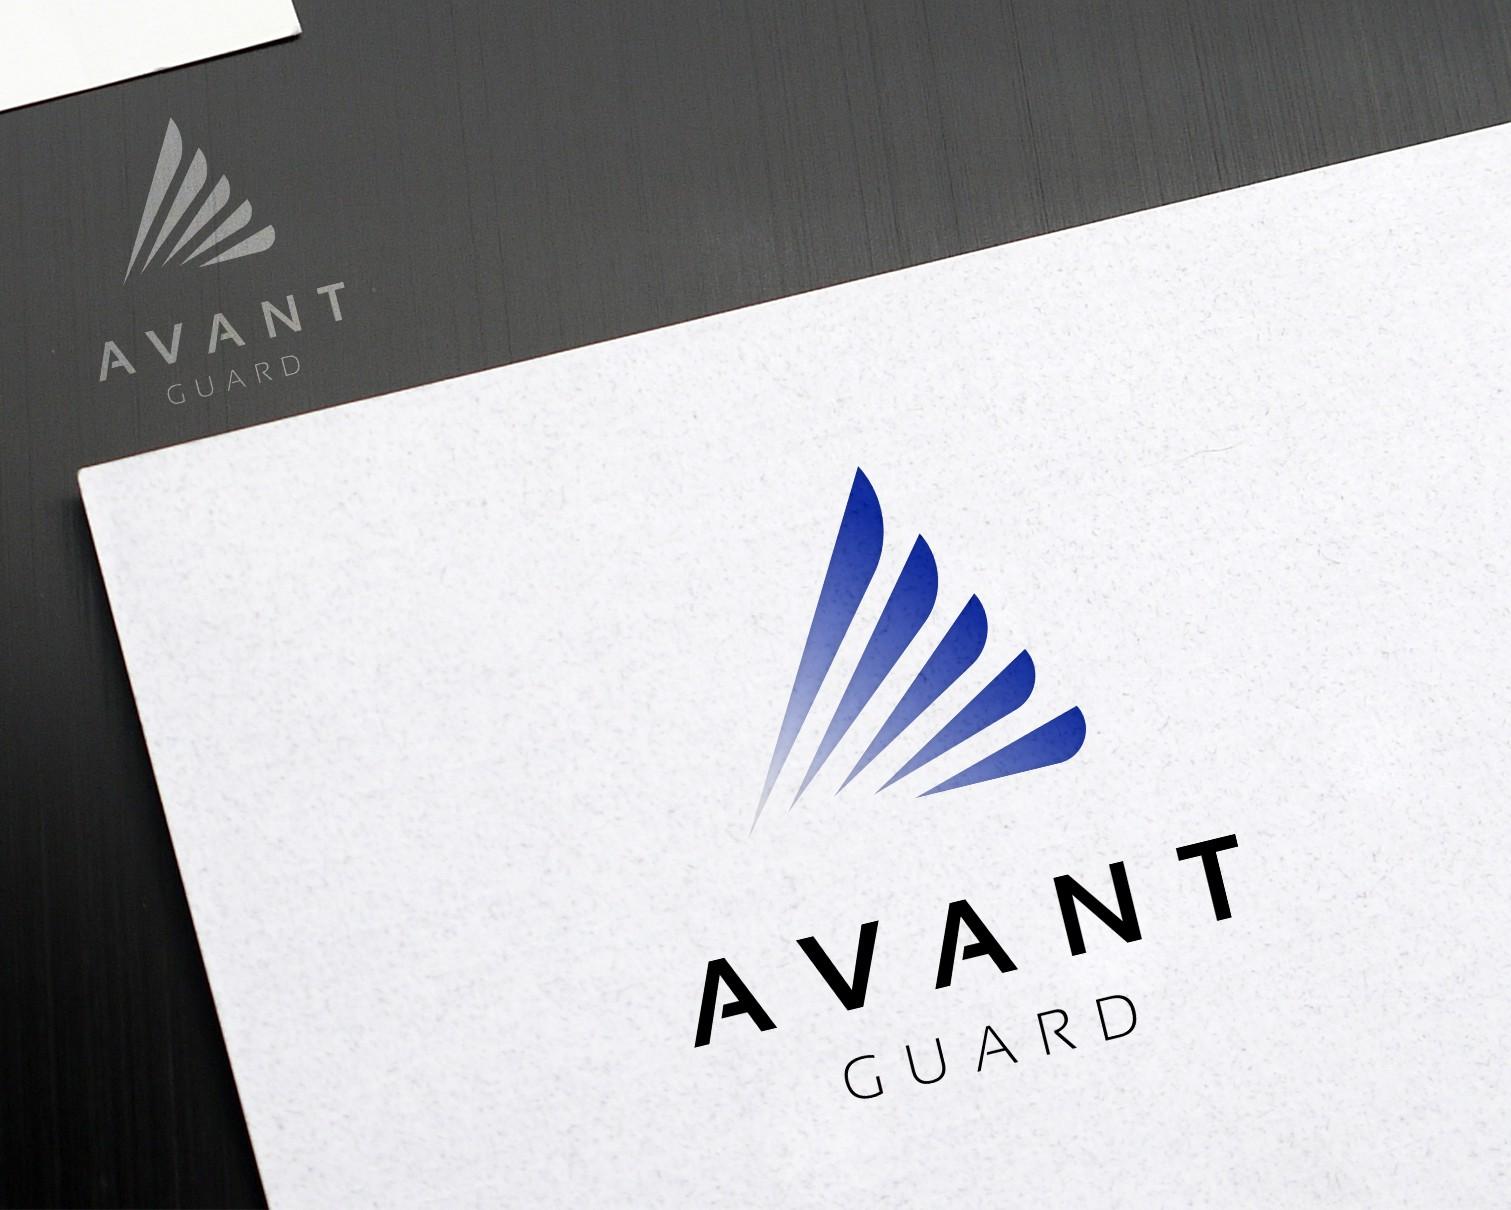 Avant Guard